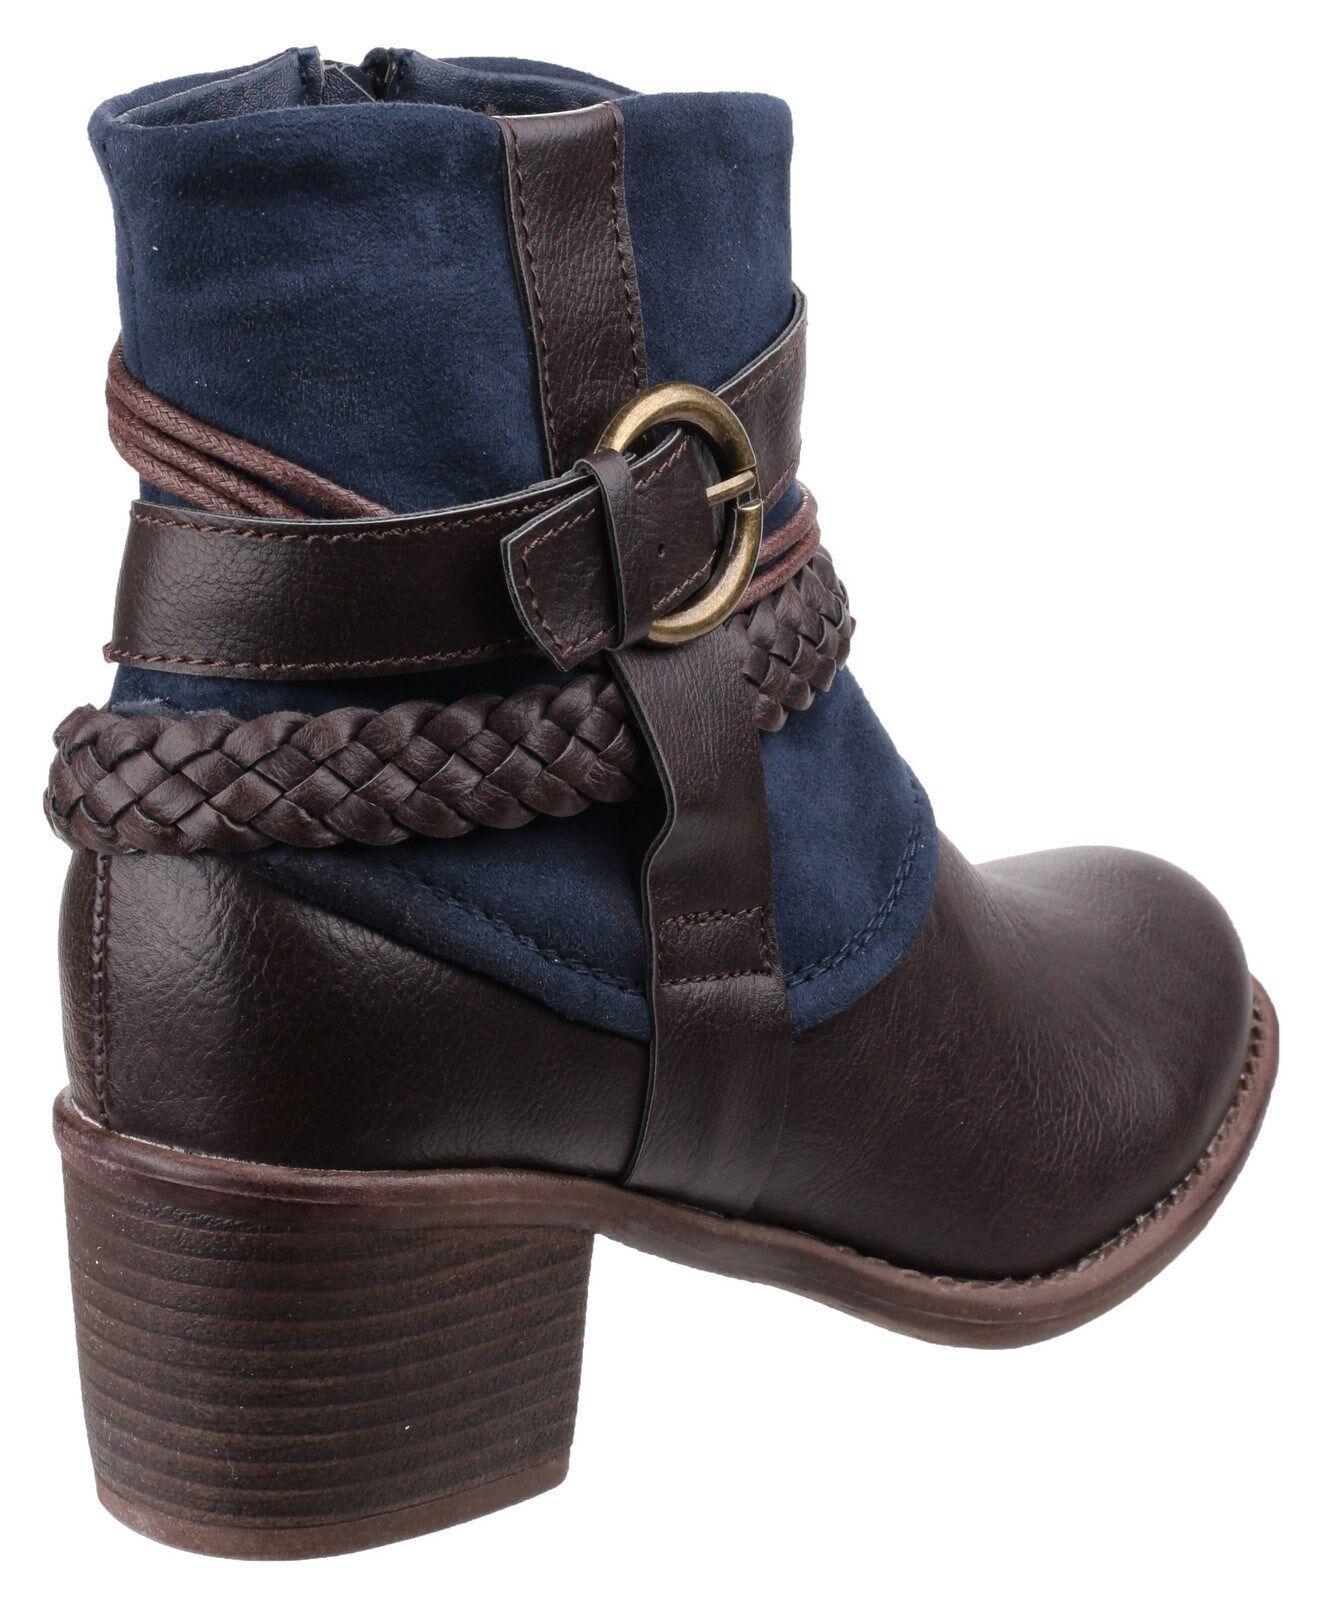 Divaz Vado Kunstwildleder Knöchel Damen Hineinschlüpfen Reißverschluss Reißverschluss Reißverschluss  | Gutes Design  15af12